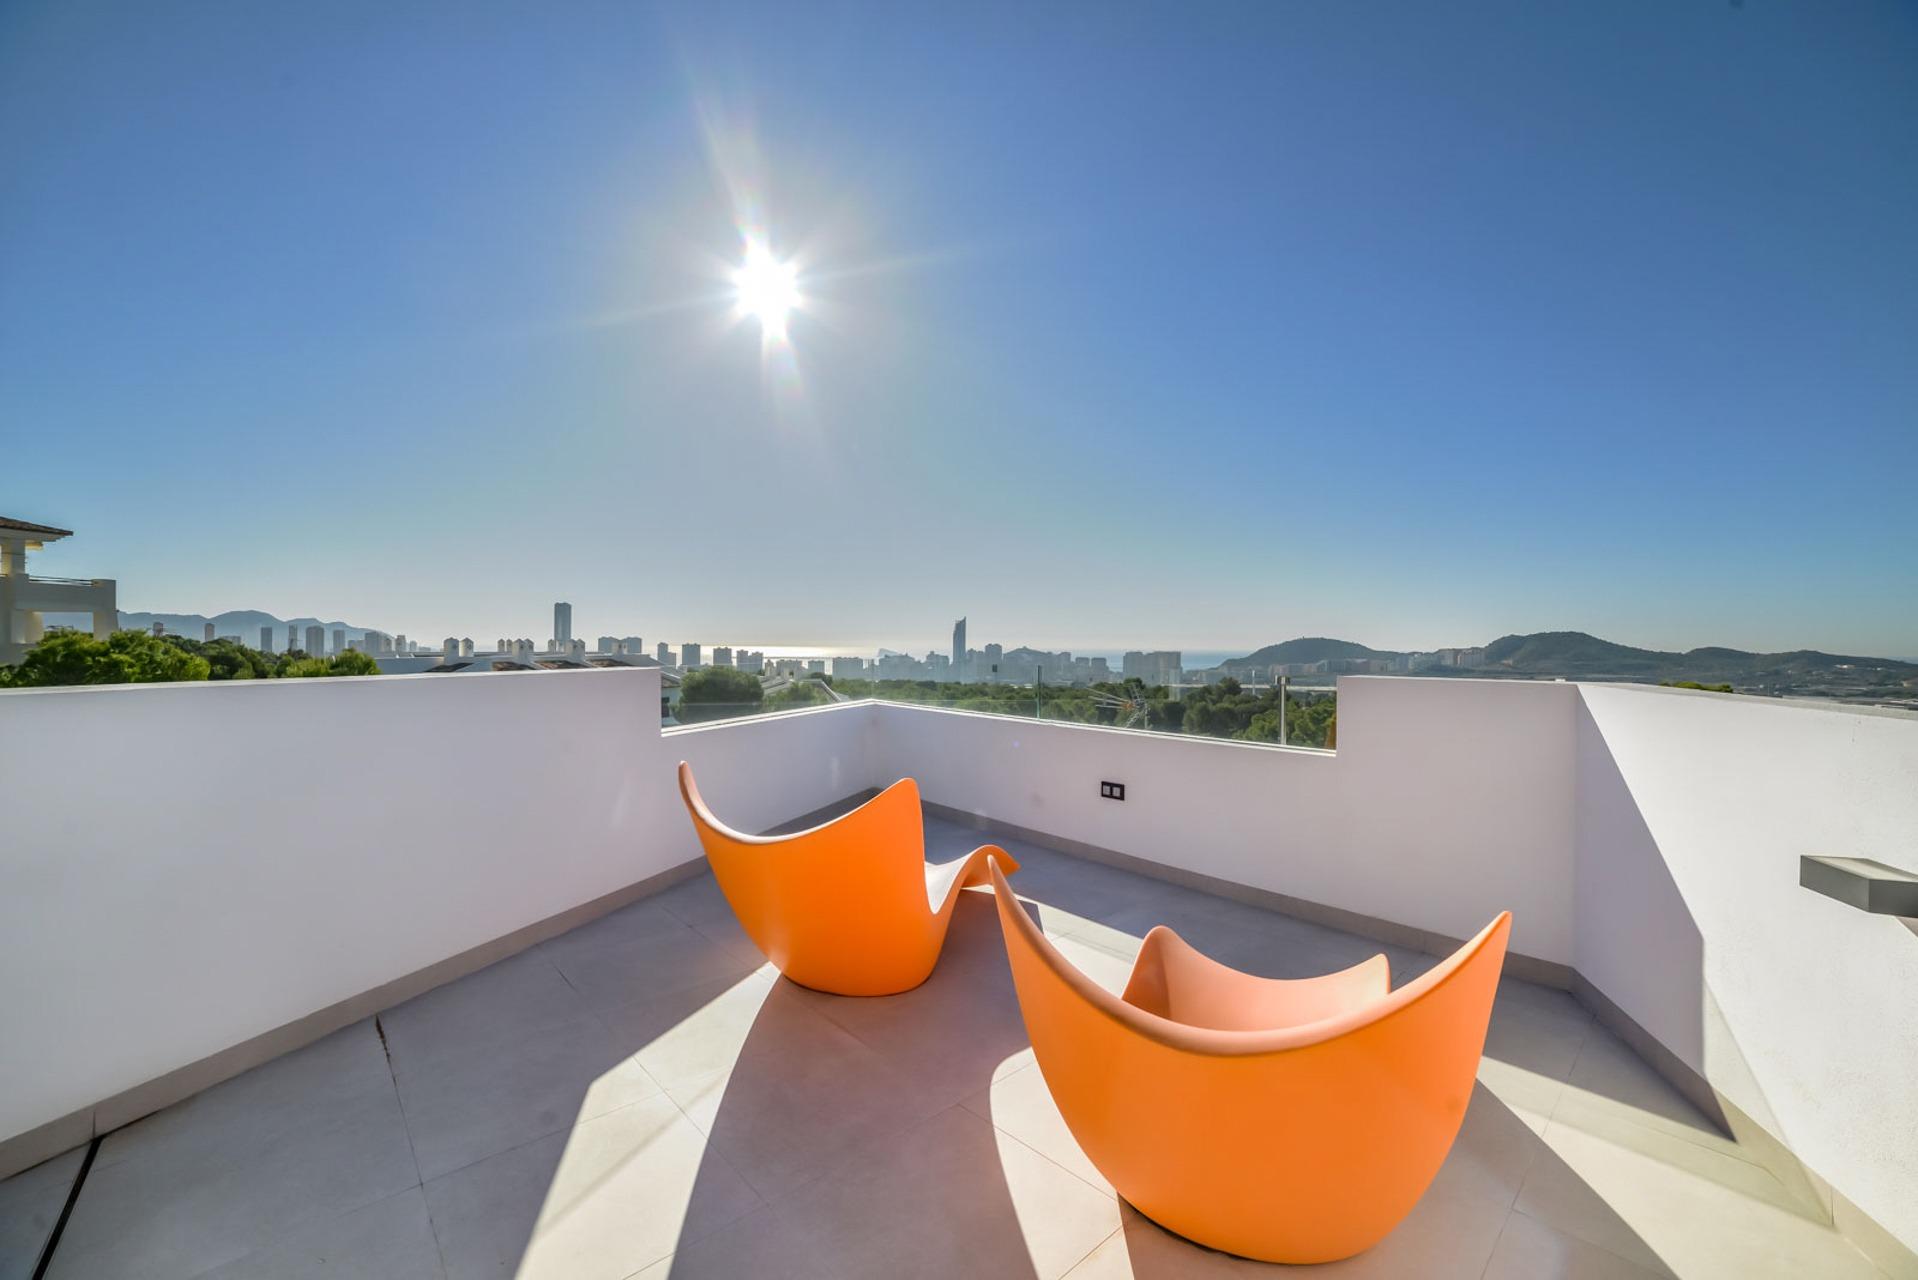 Soluciones Profesionales Fotografia y Video - Inmobiliaria